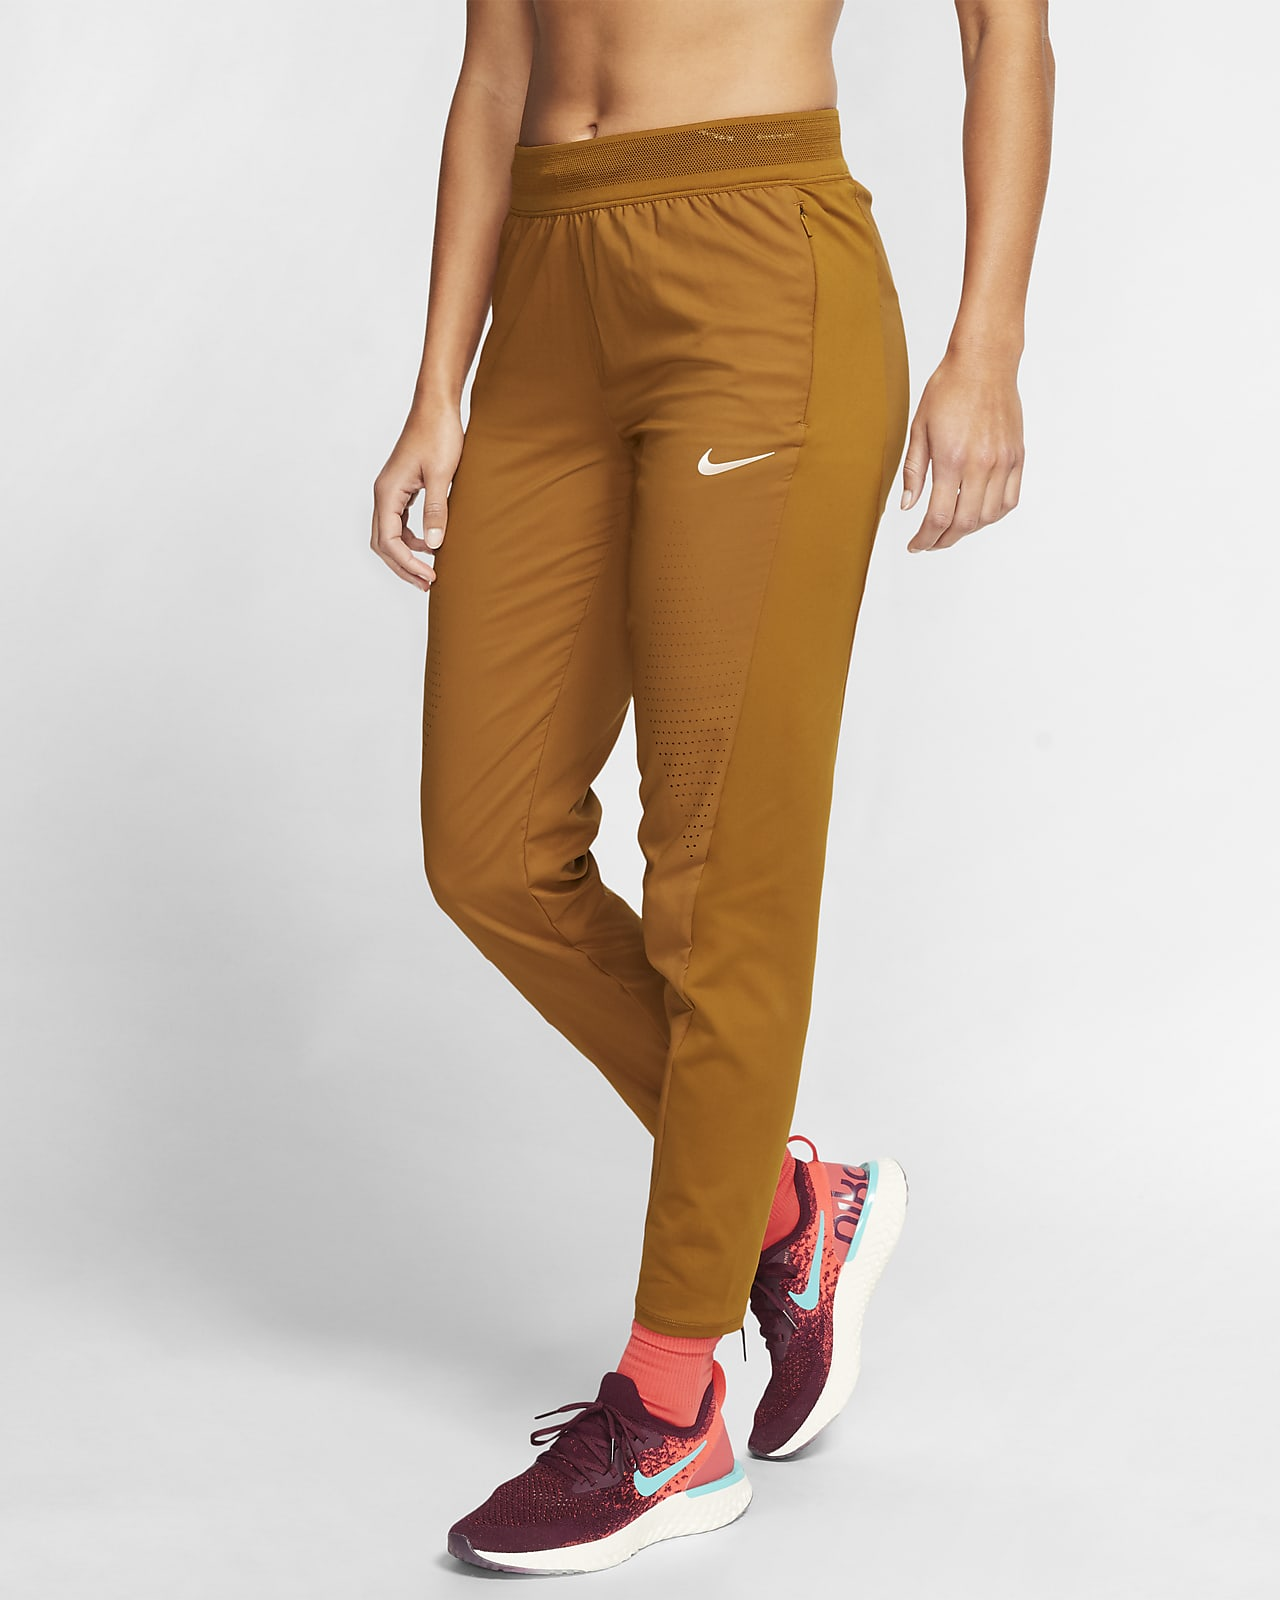 Γυναικείο παντελόνι για τρέξιμο Nike Swift